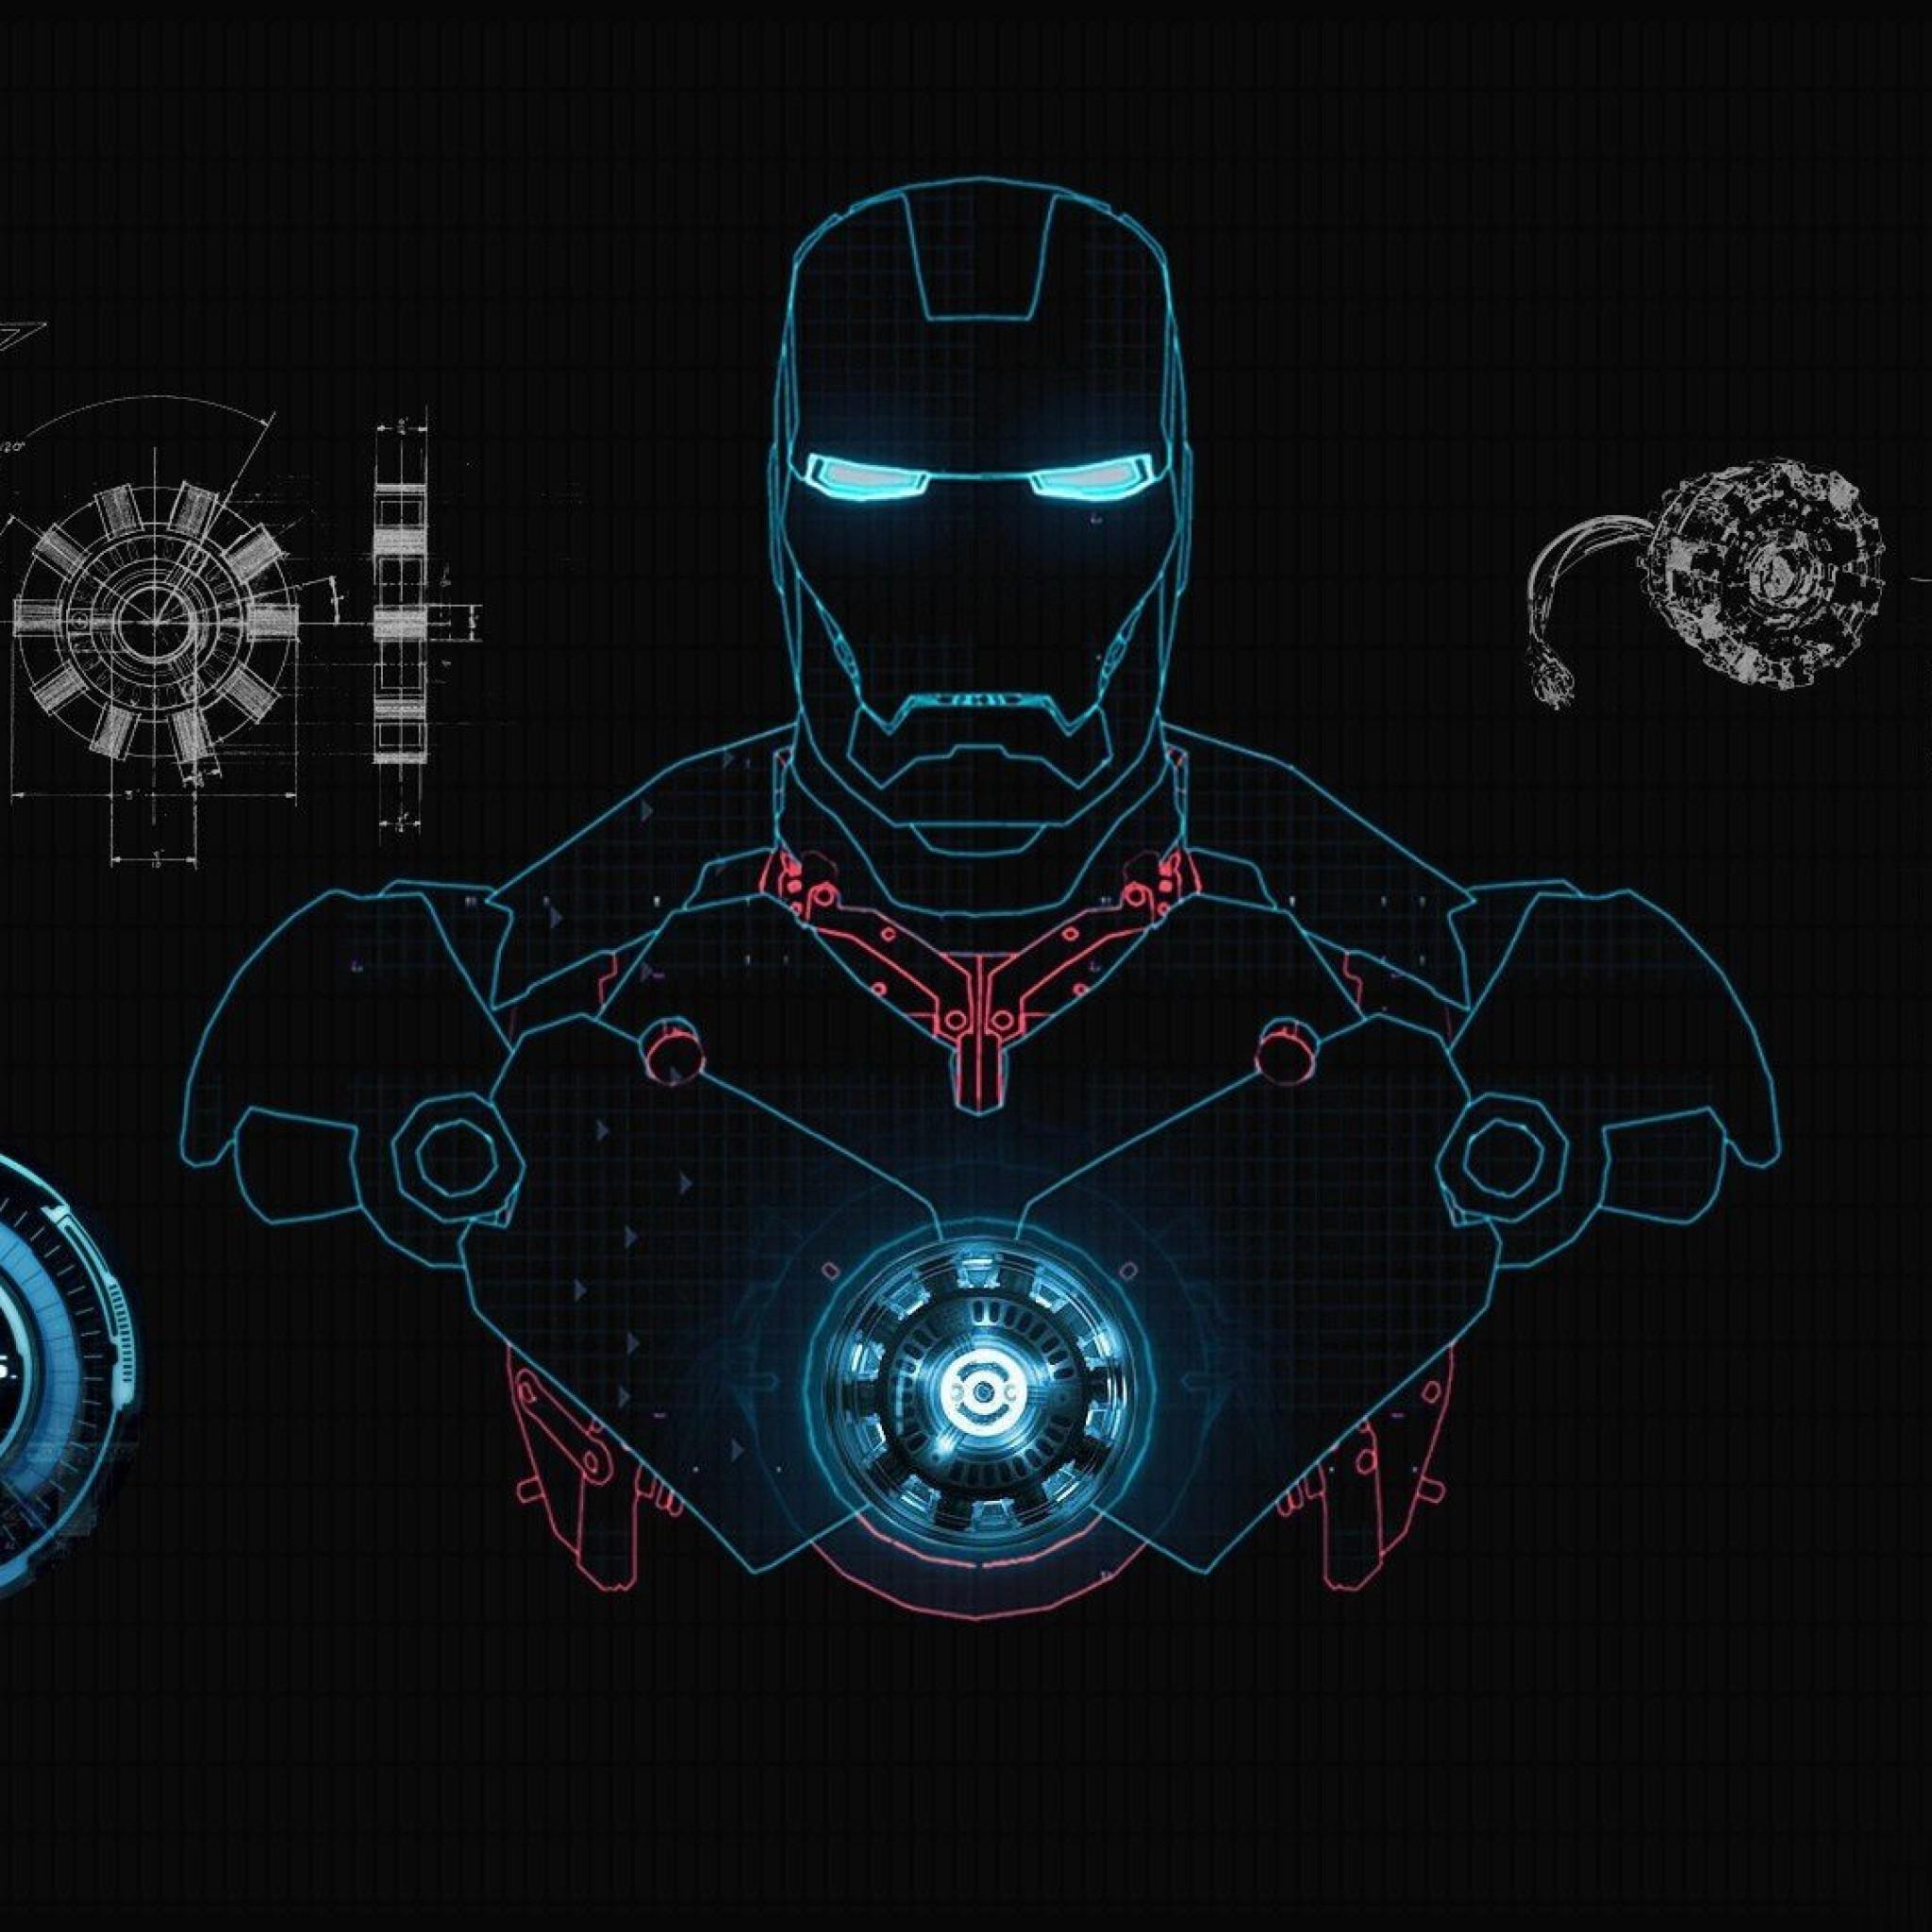 Iron Man Wallpaper Jarvis #53510 at Movies Wallpapers – 1080p HD .